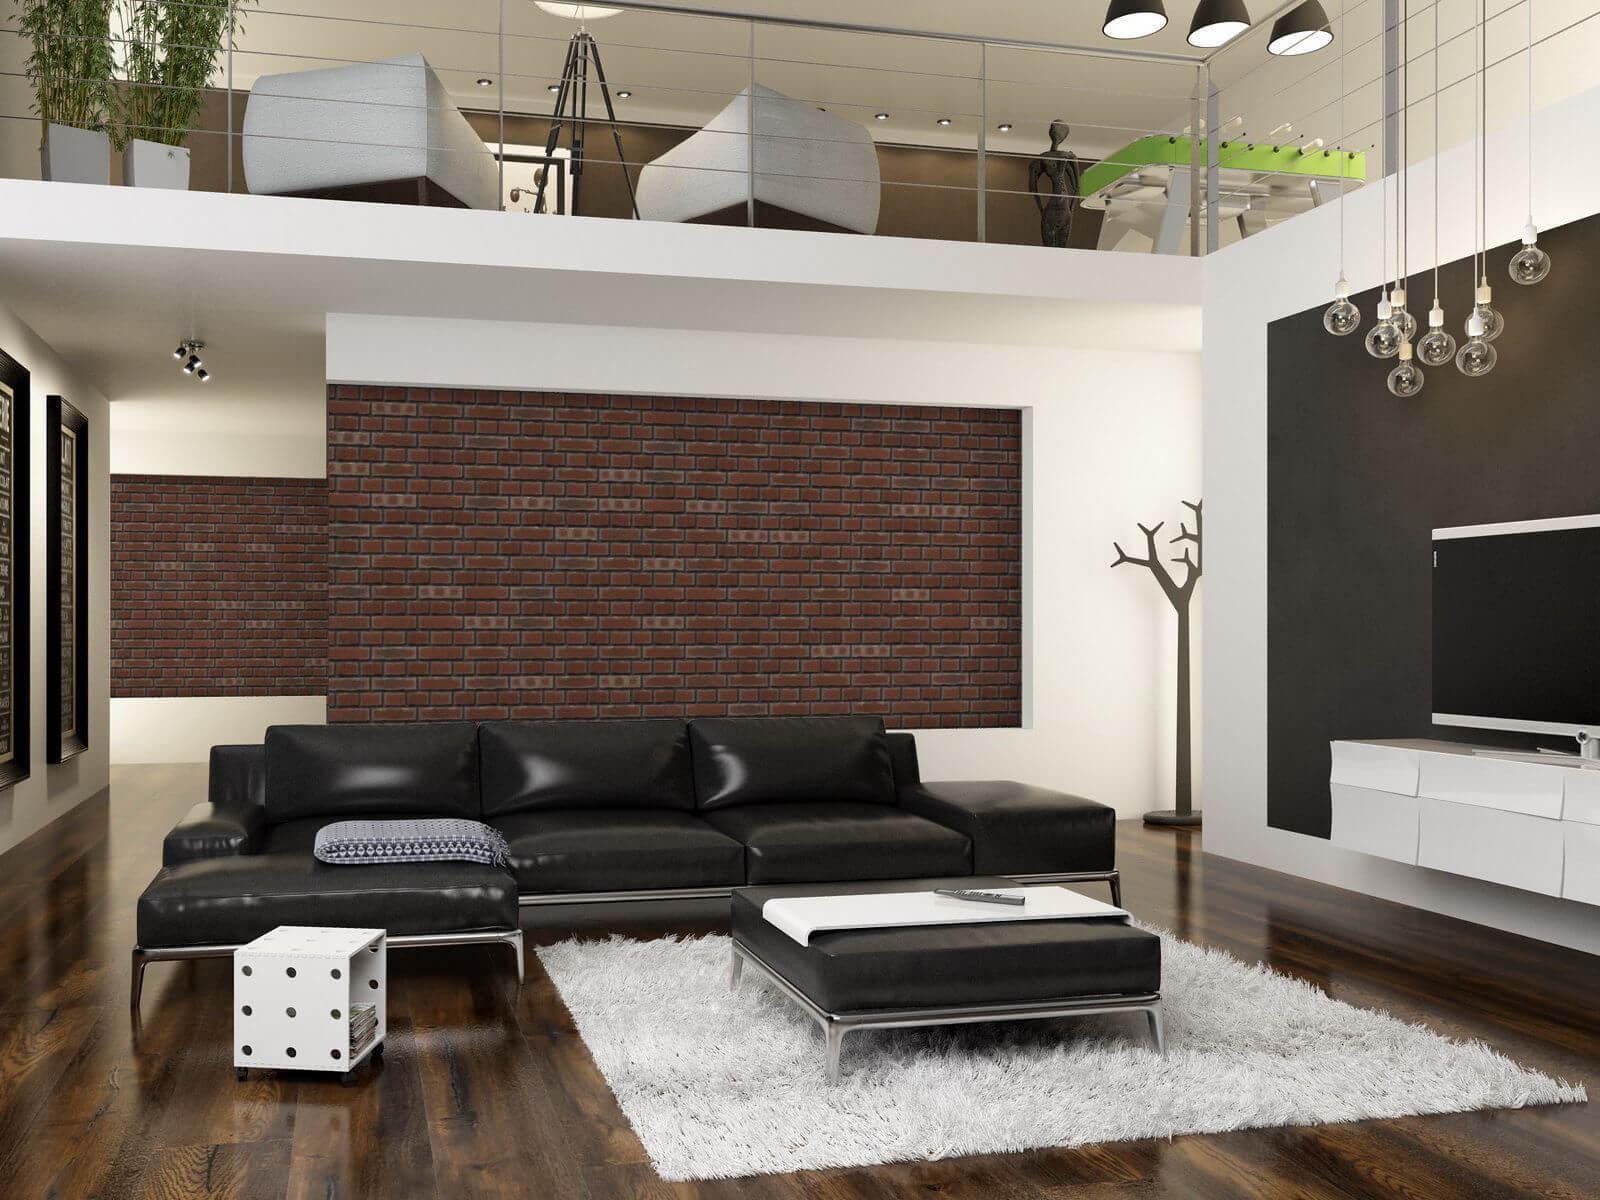 Feldhaus Klinker - R663NF14, Sintra Cerasi Nelino, 240x14x71 - Клинкерная плитка для фасада и внутренней отделки